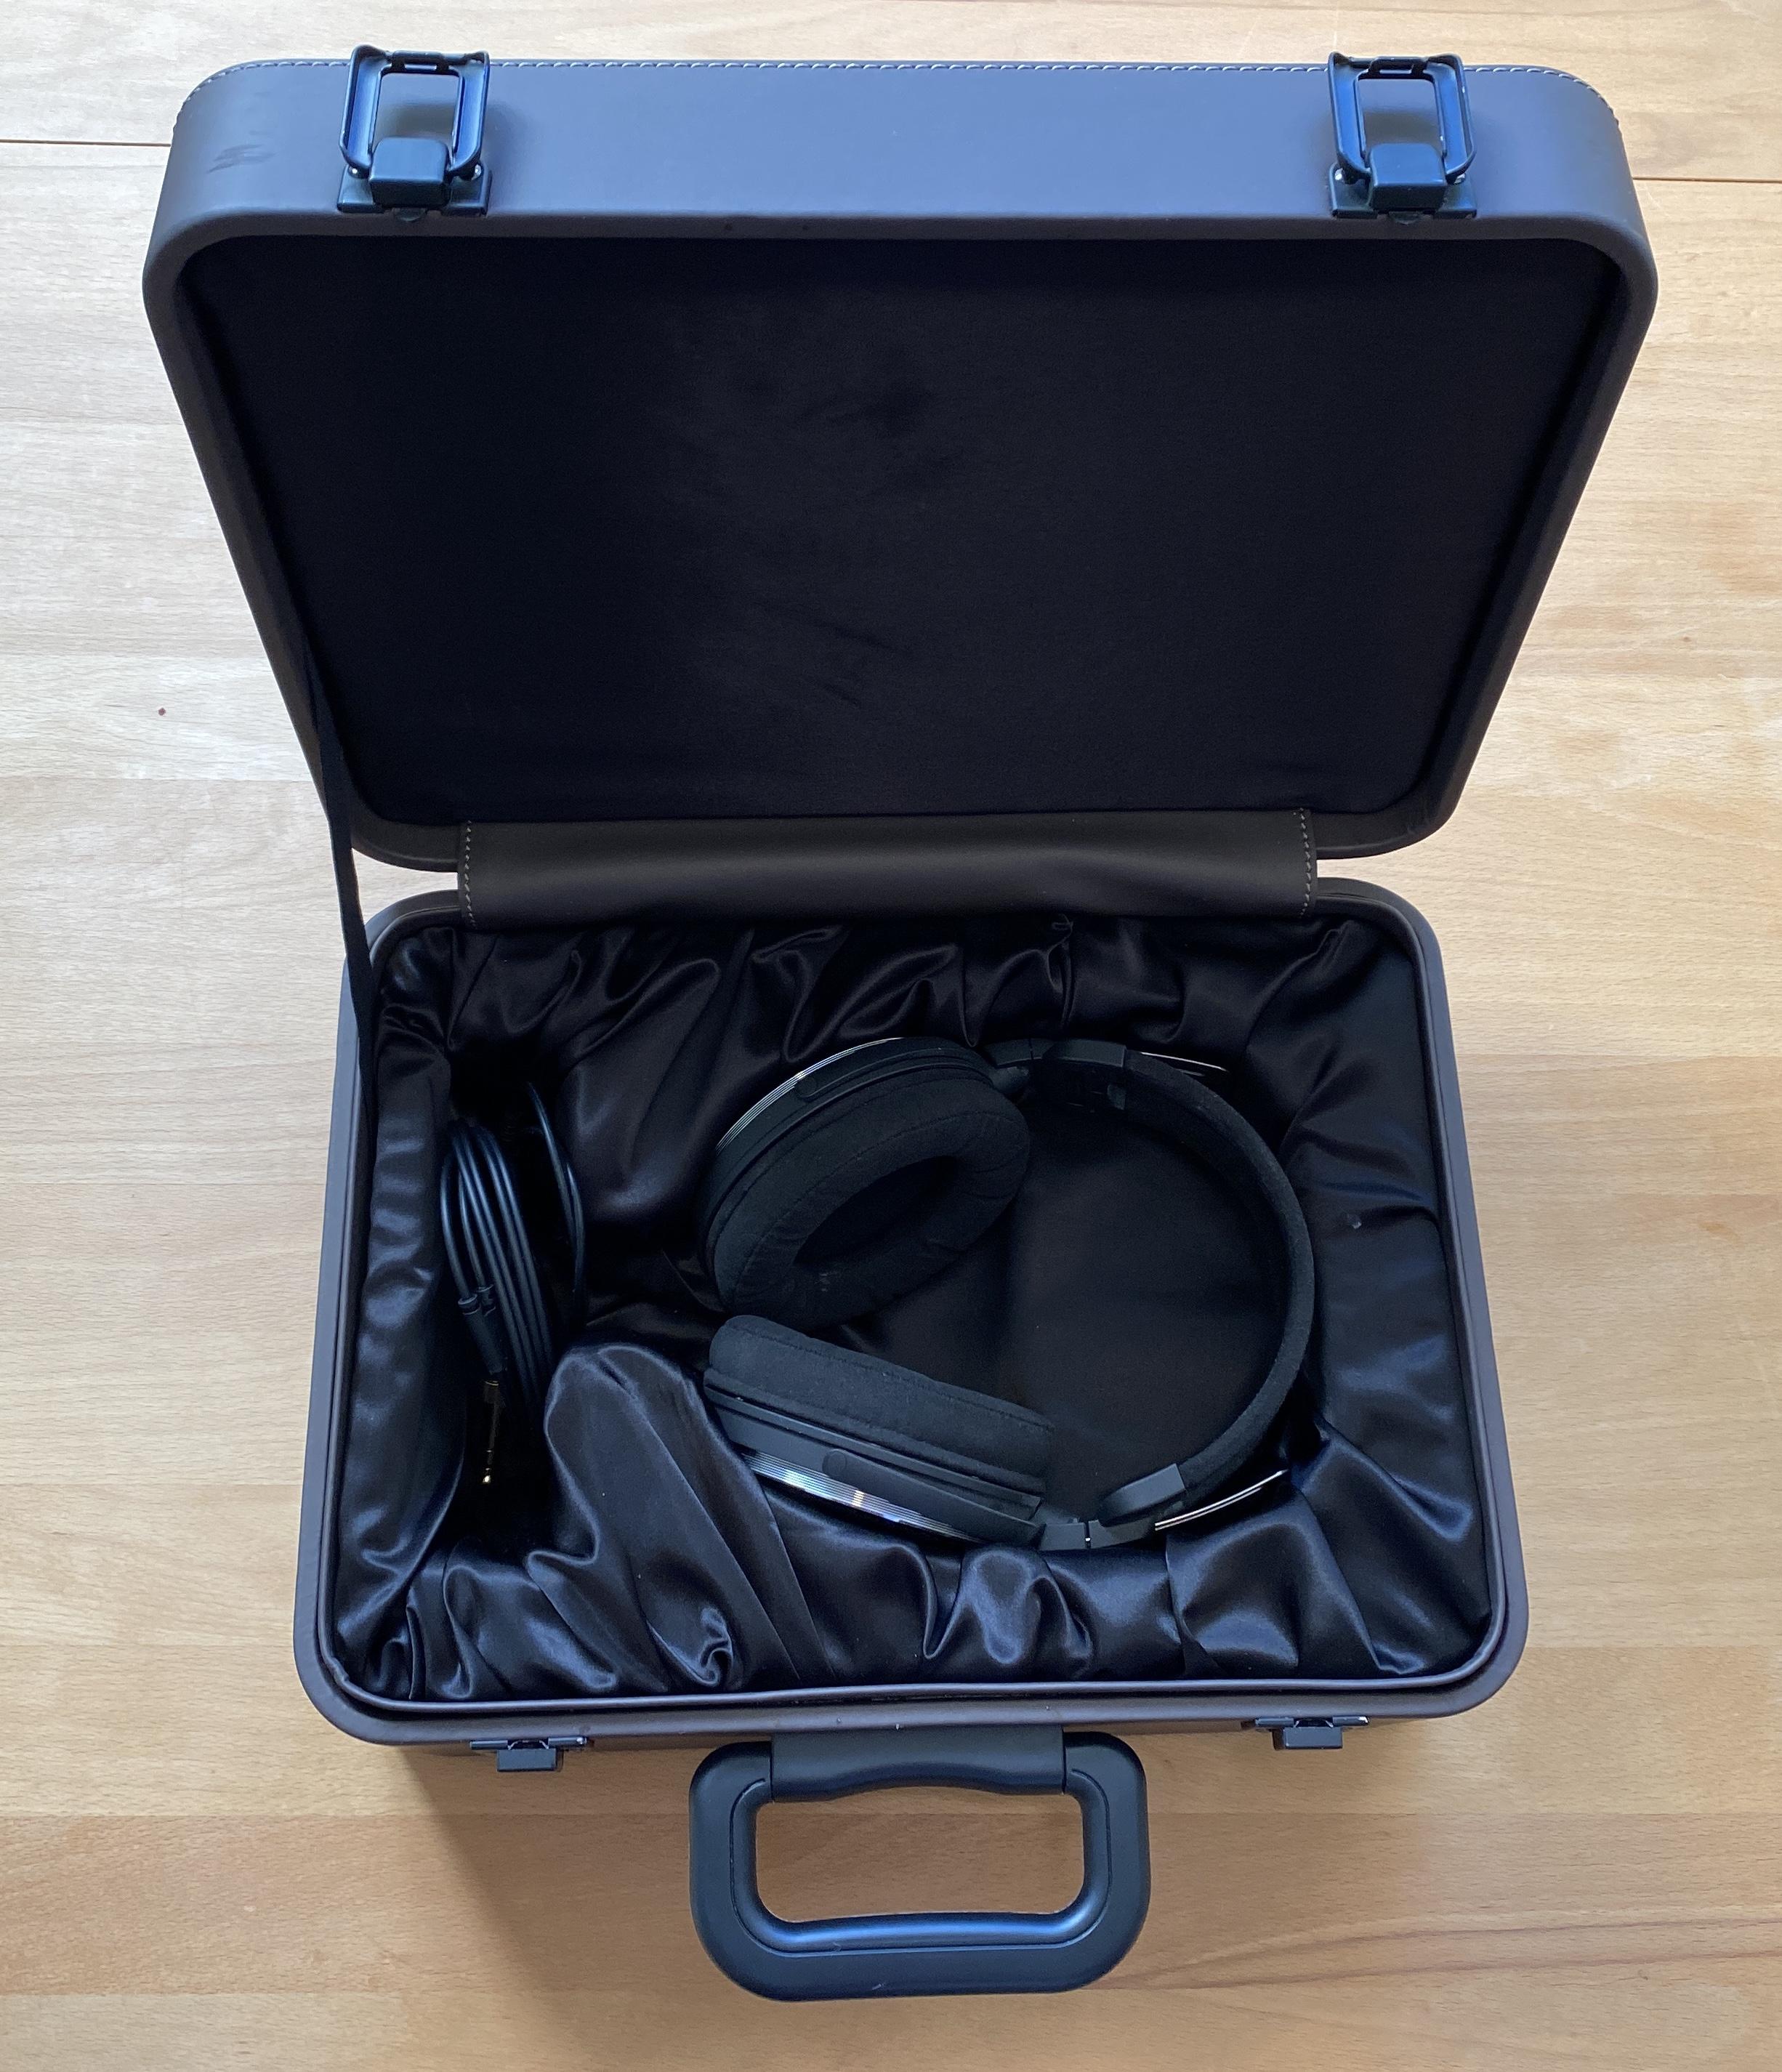 Audio Technica ATH-ADX5000 Headphones